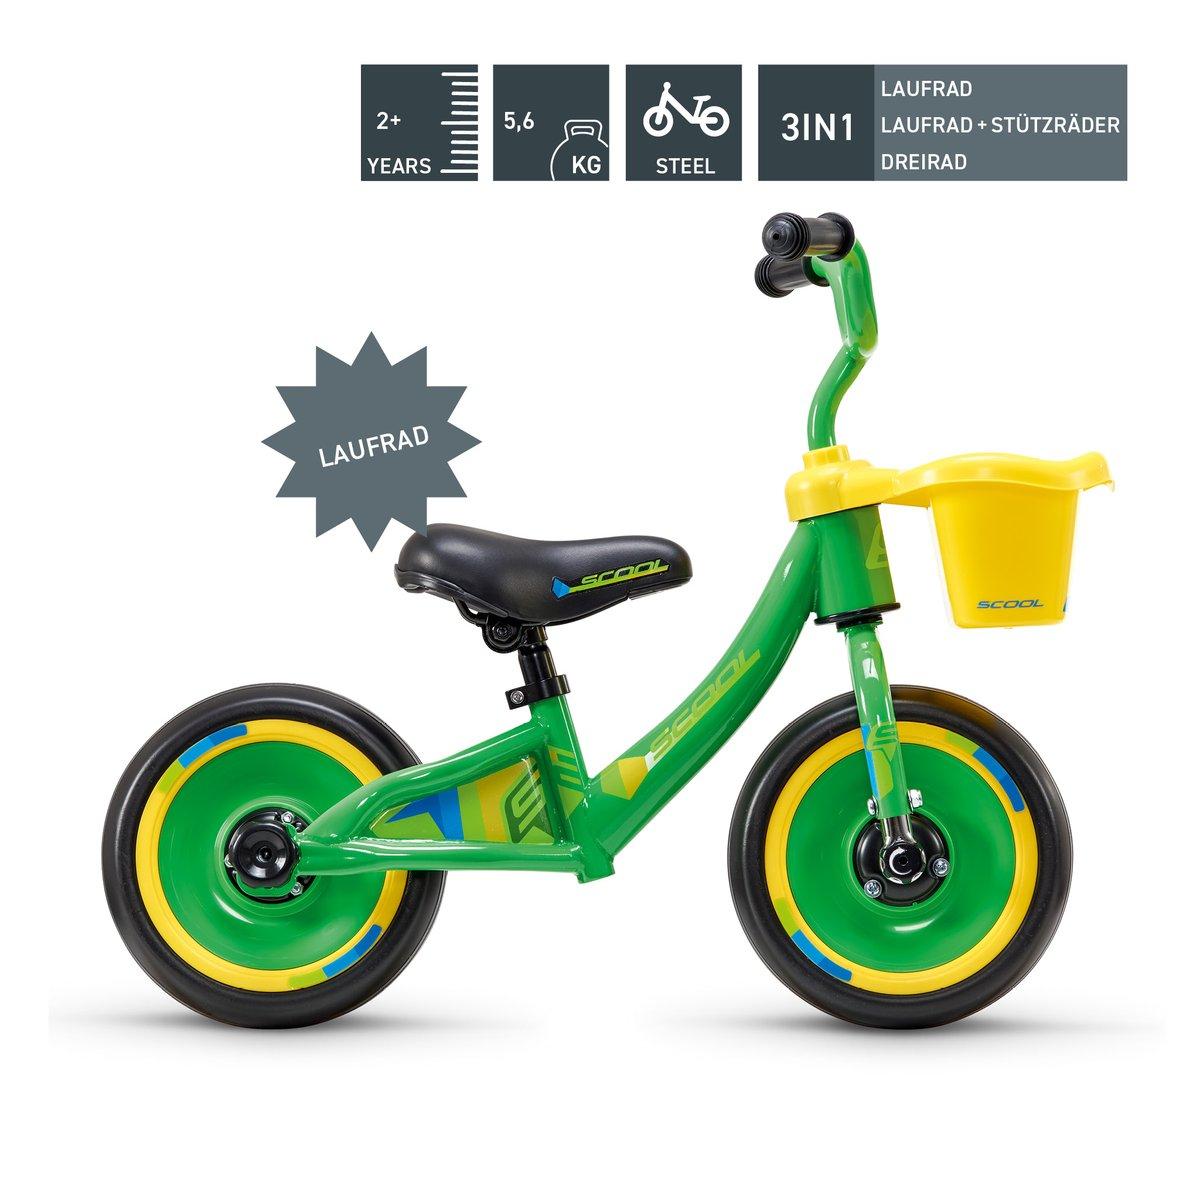 SCOOL pedeX 3in1 Laufrad, Dreirad mit Stützräder in grün, schwarz oder lila